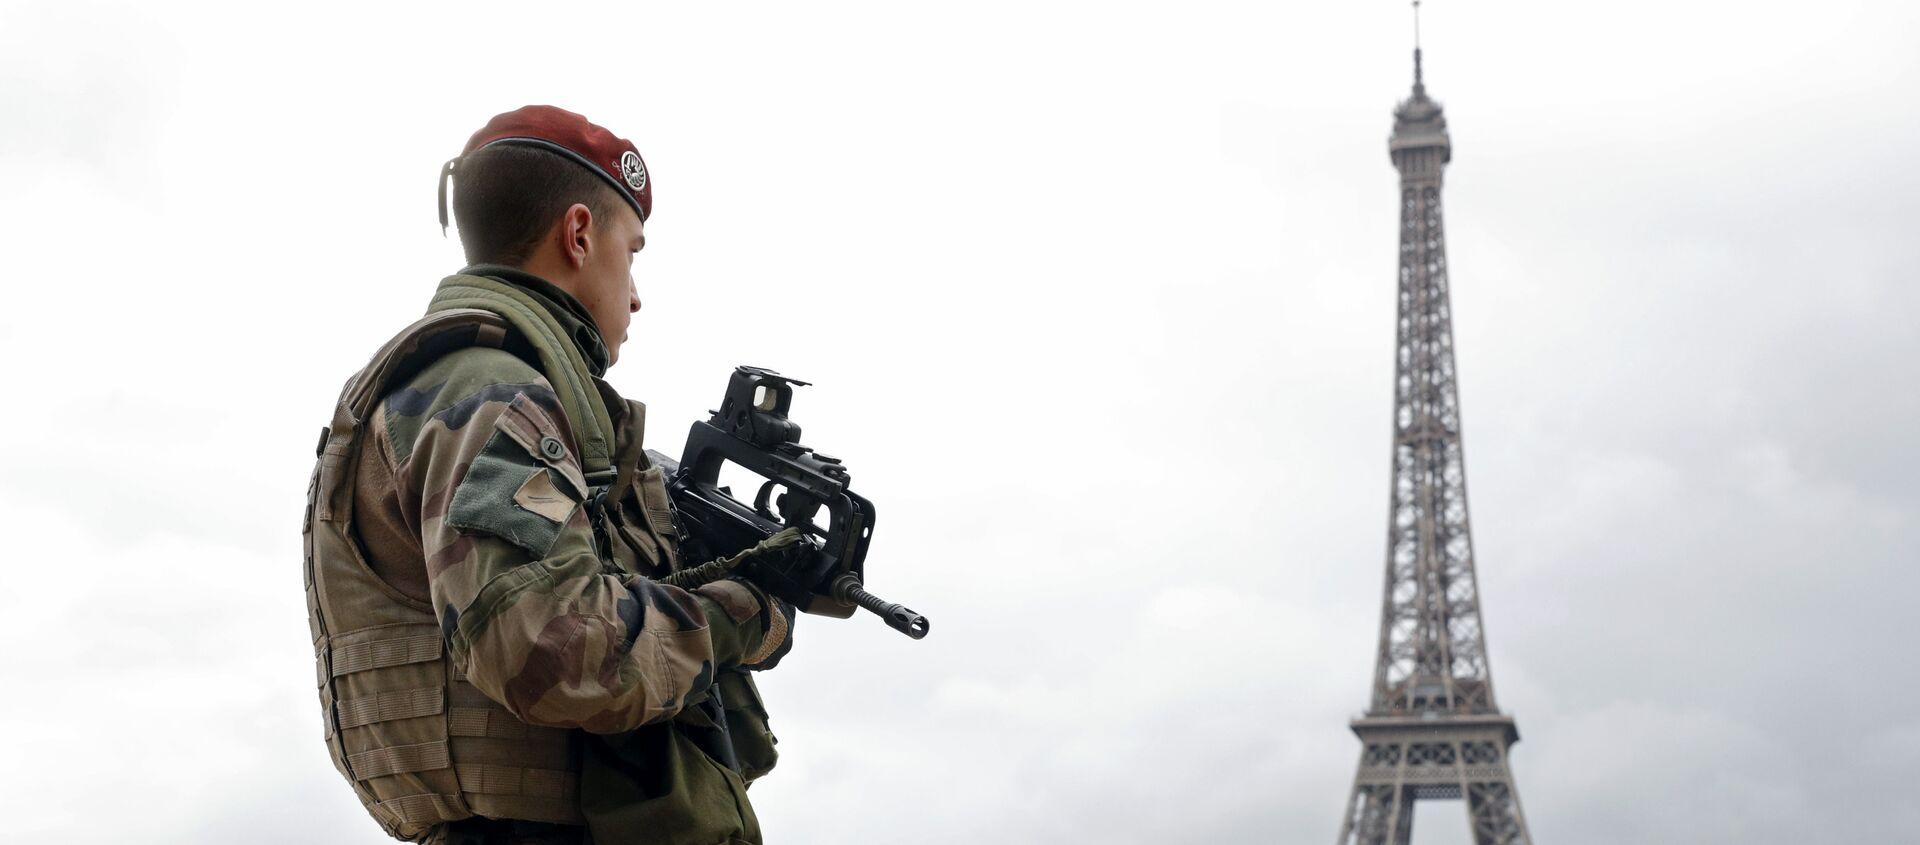 Француски војници у патроли у близини Ајфеловог торња у Паризу - Sputnik Србија, 1920, 28.04.2021